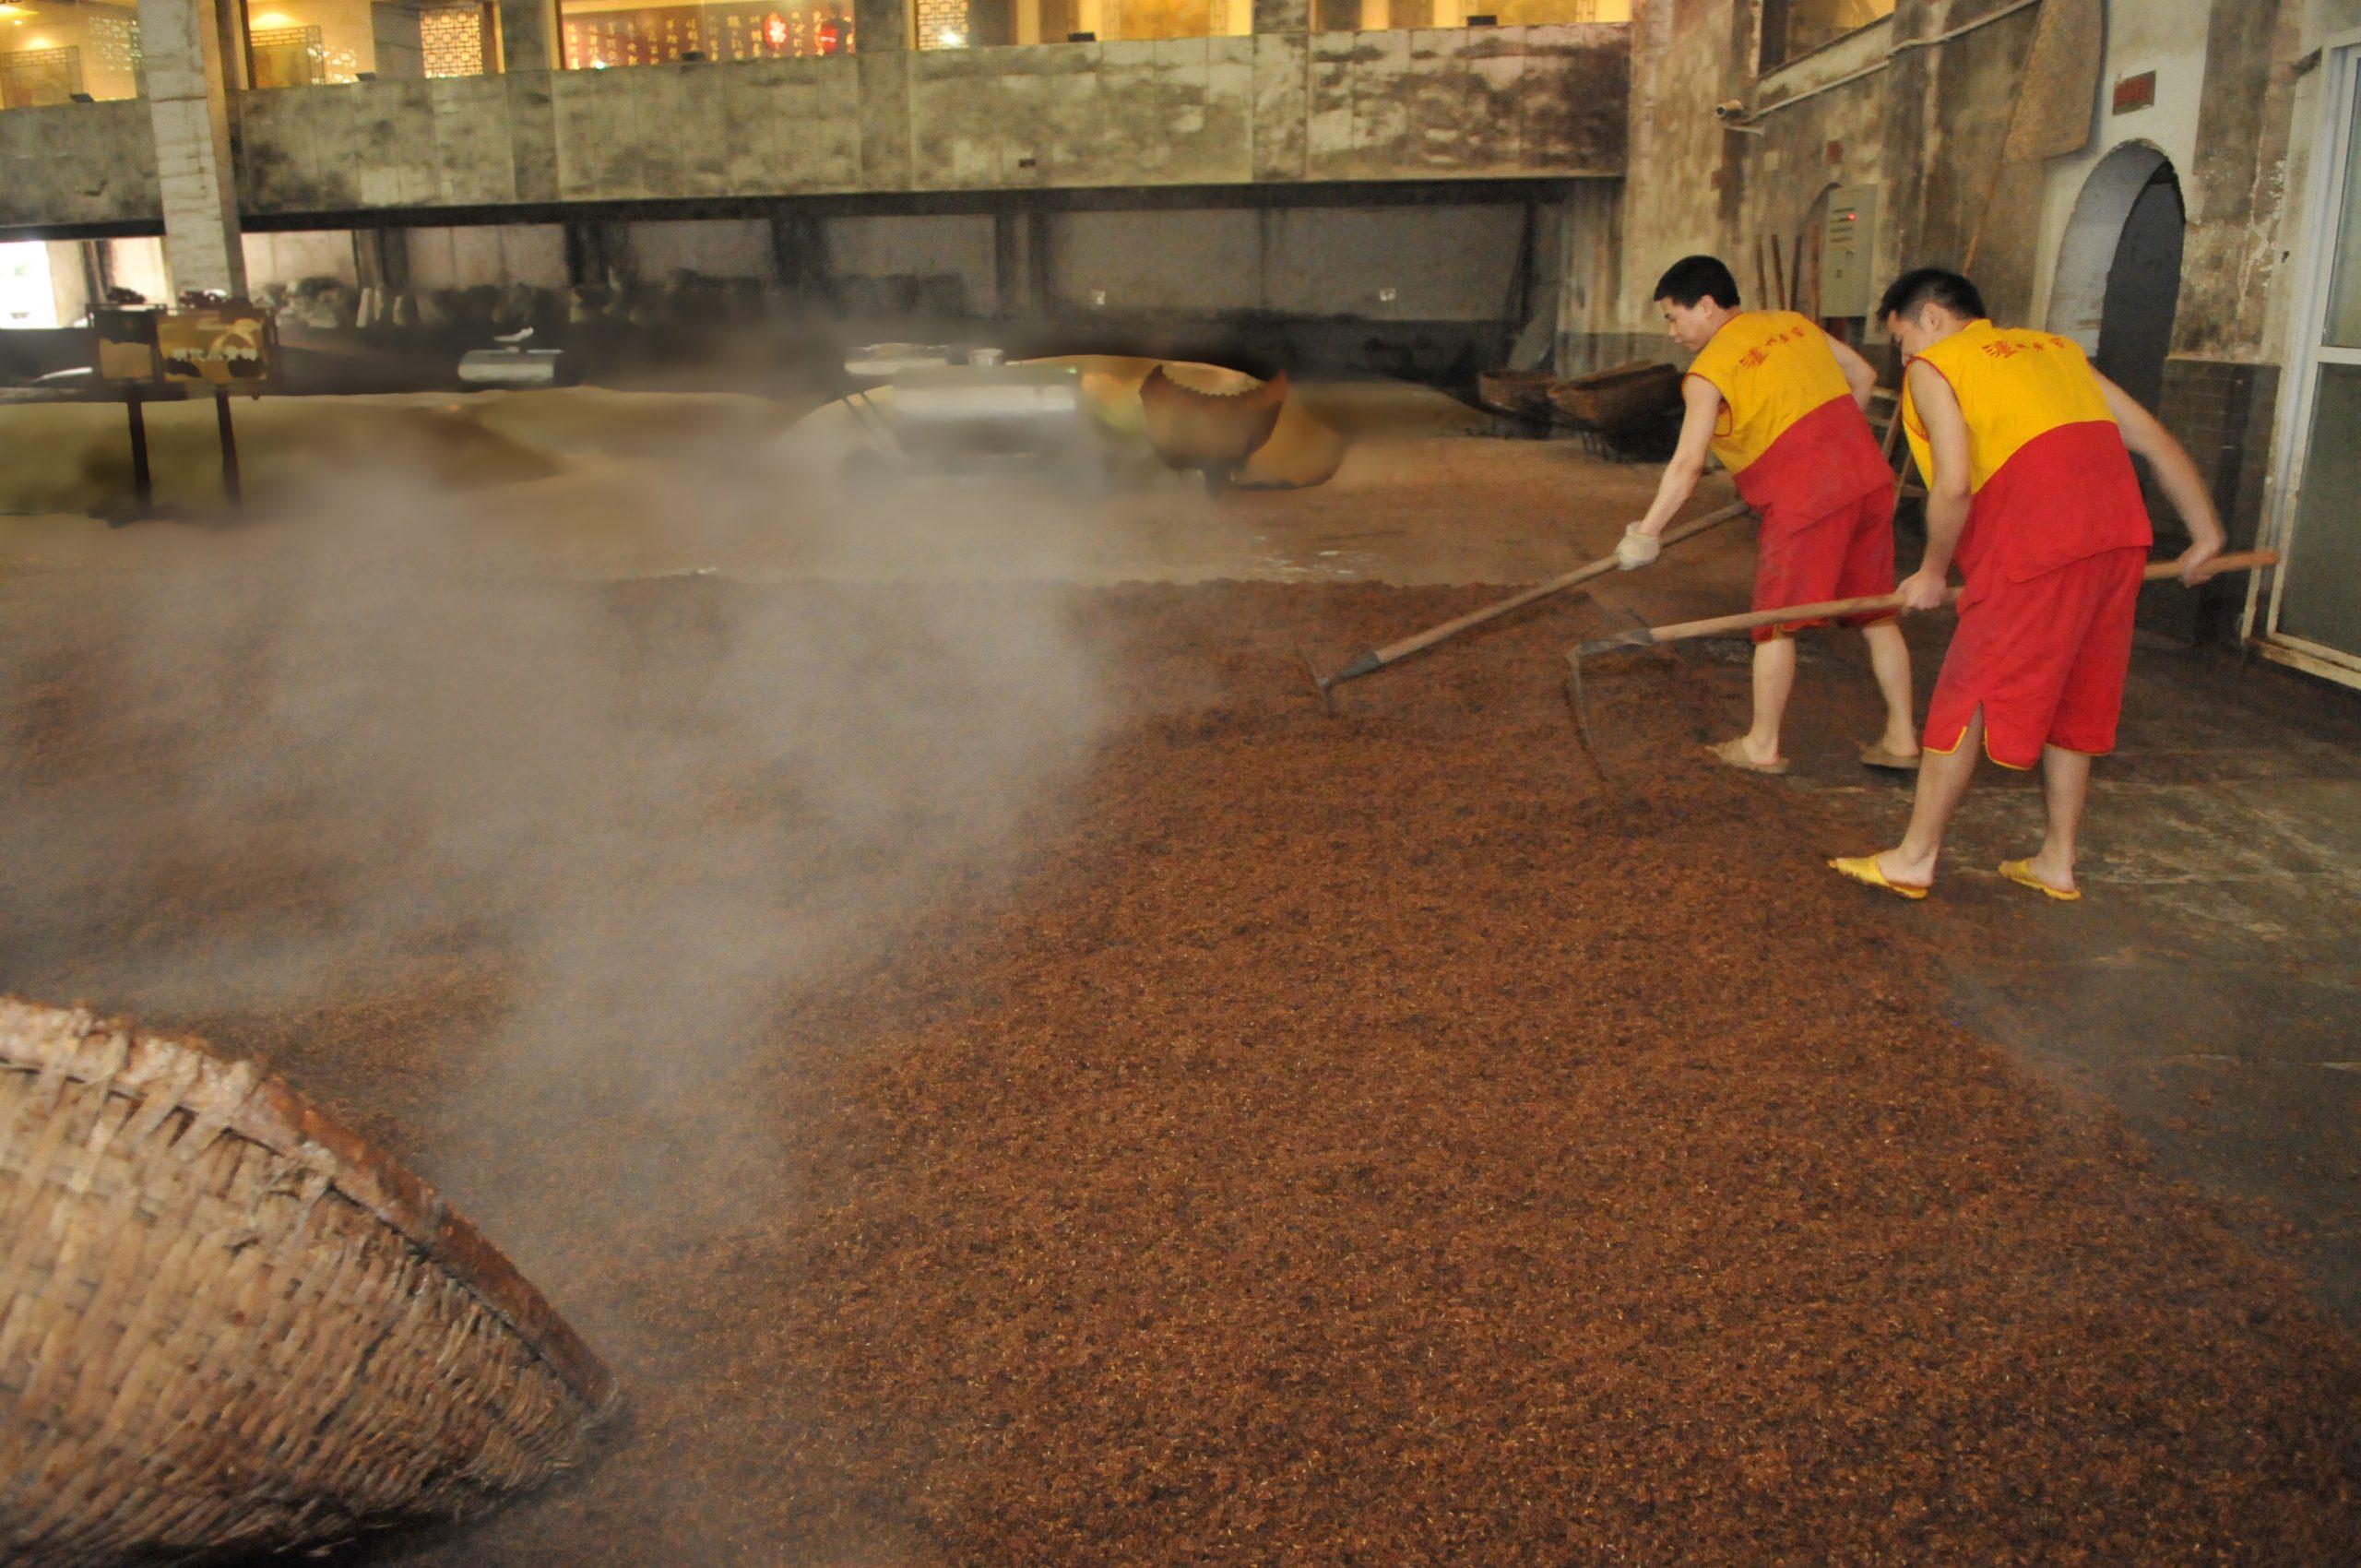 Cooling grains at luzhou laojiao baijiu distillery